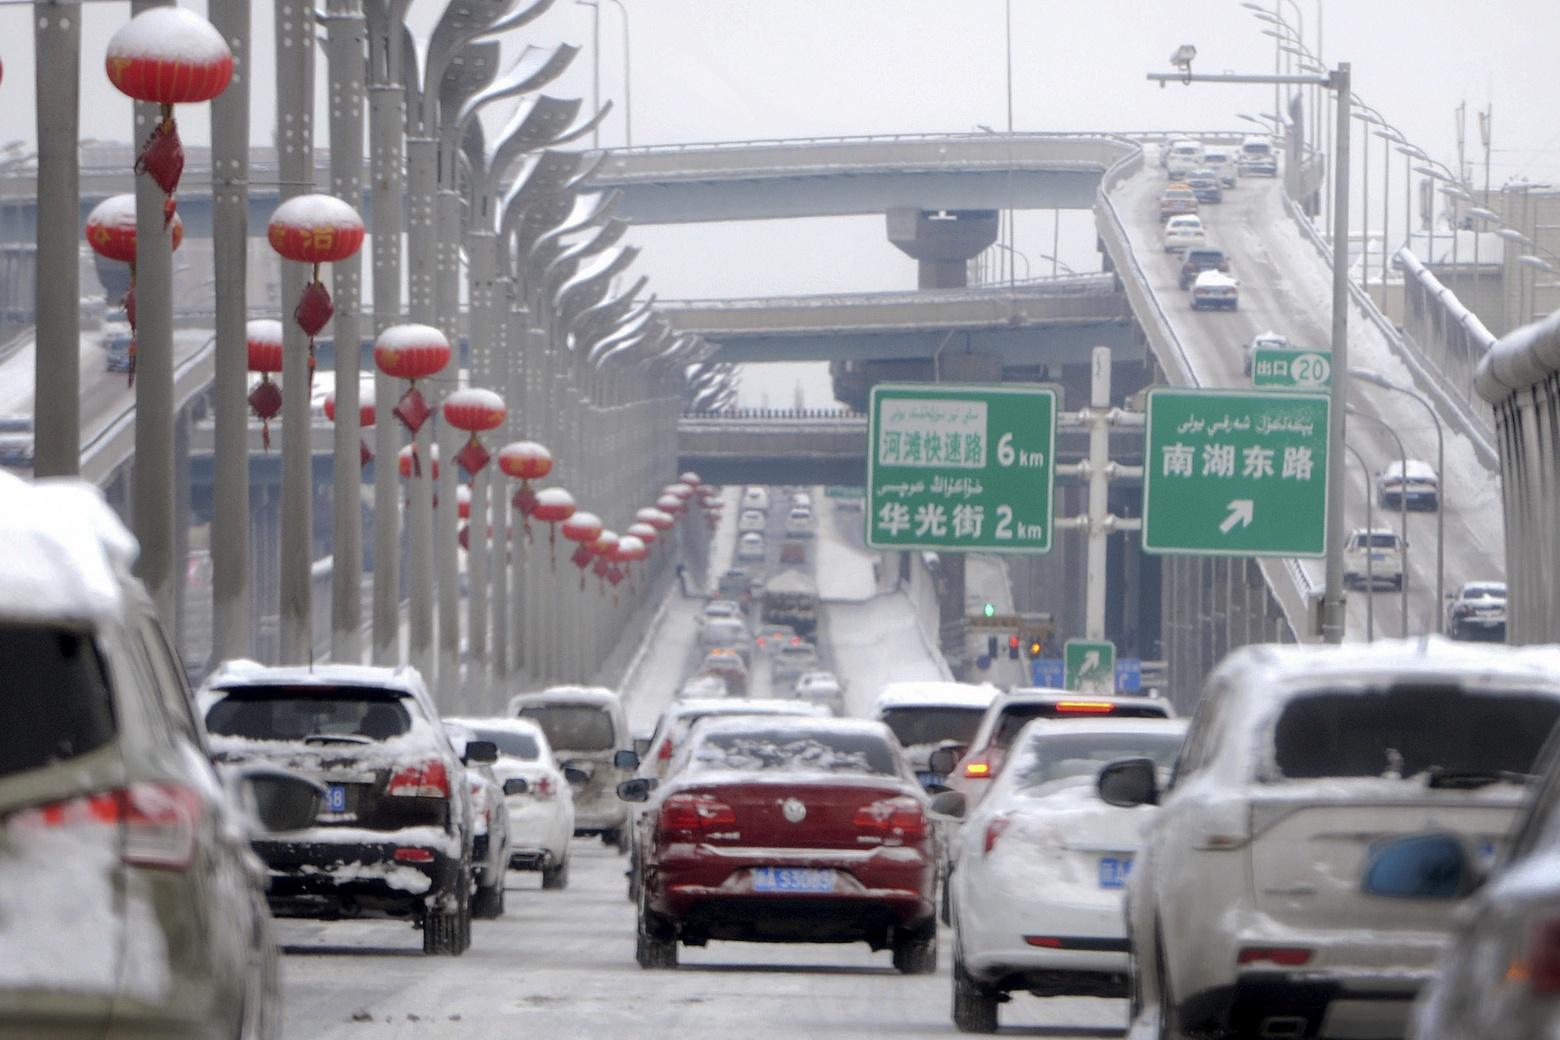 В китайской провинции Синьцзян каждый автомобиль оснастят системой спутникового слежения - 1